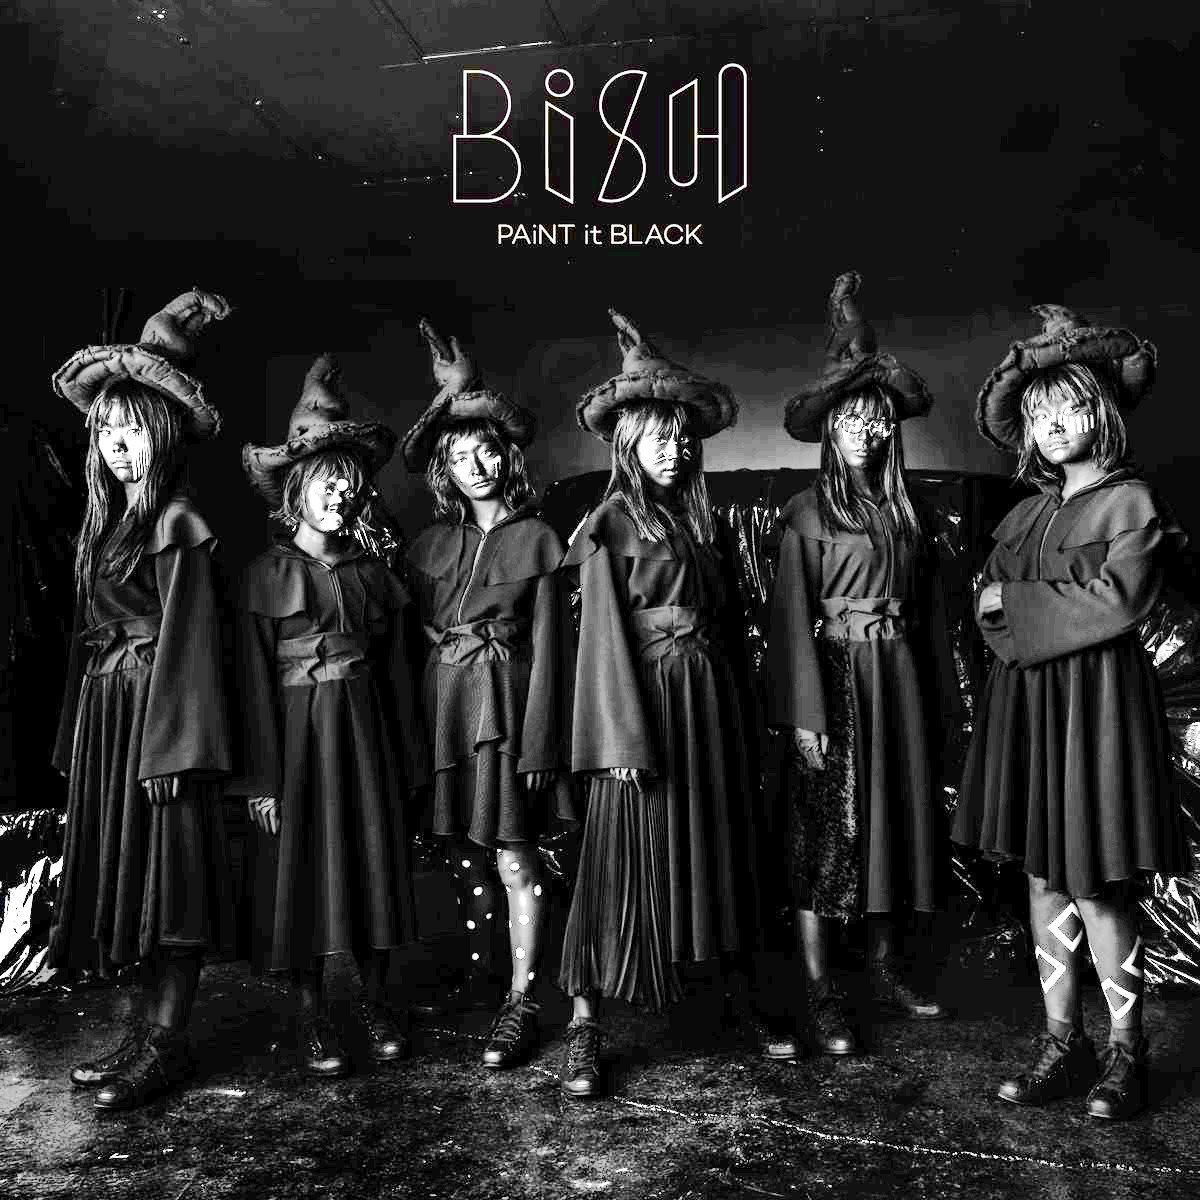 【画像多め】BiSHが日本全国を行脚した逆参勤交代画像まとめ